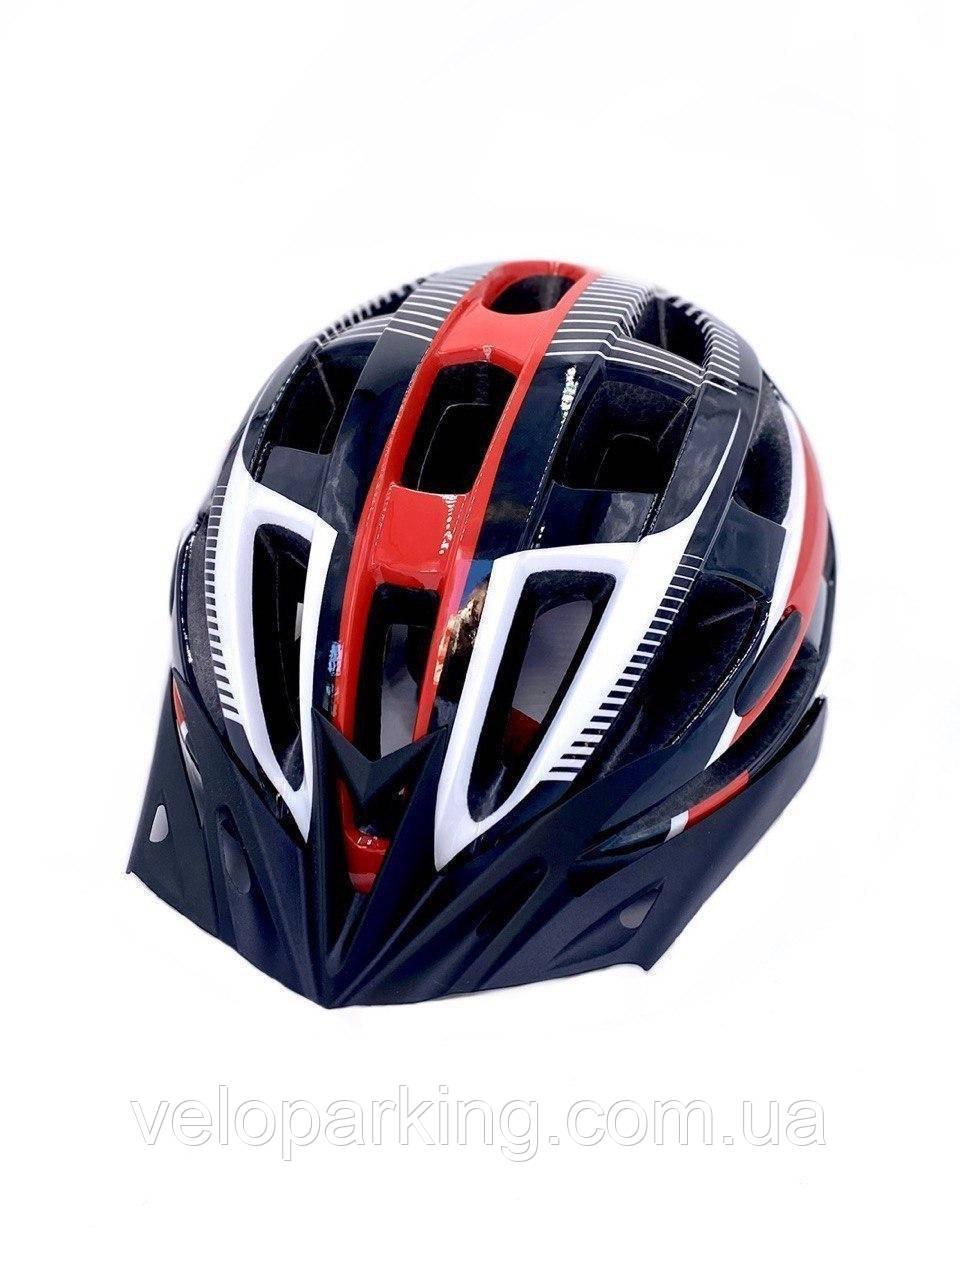 Шлем велосипедный  с козырьком черный/белый/красный